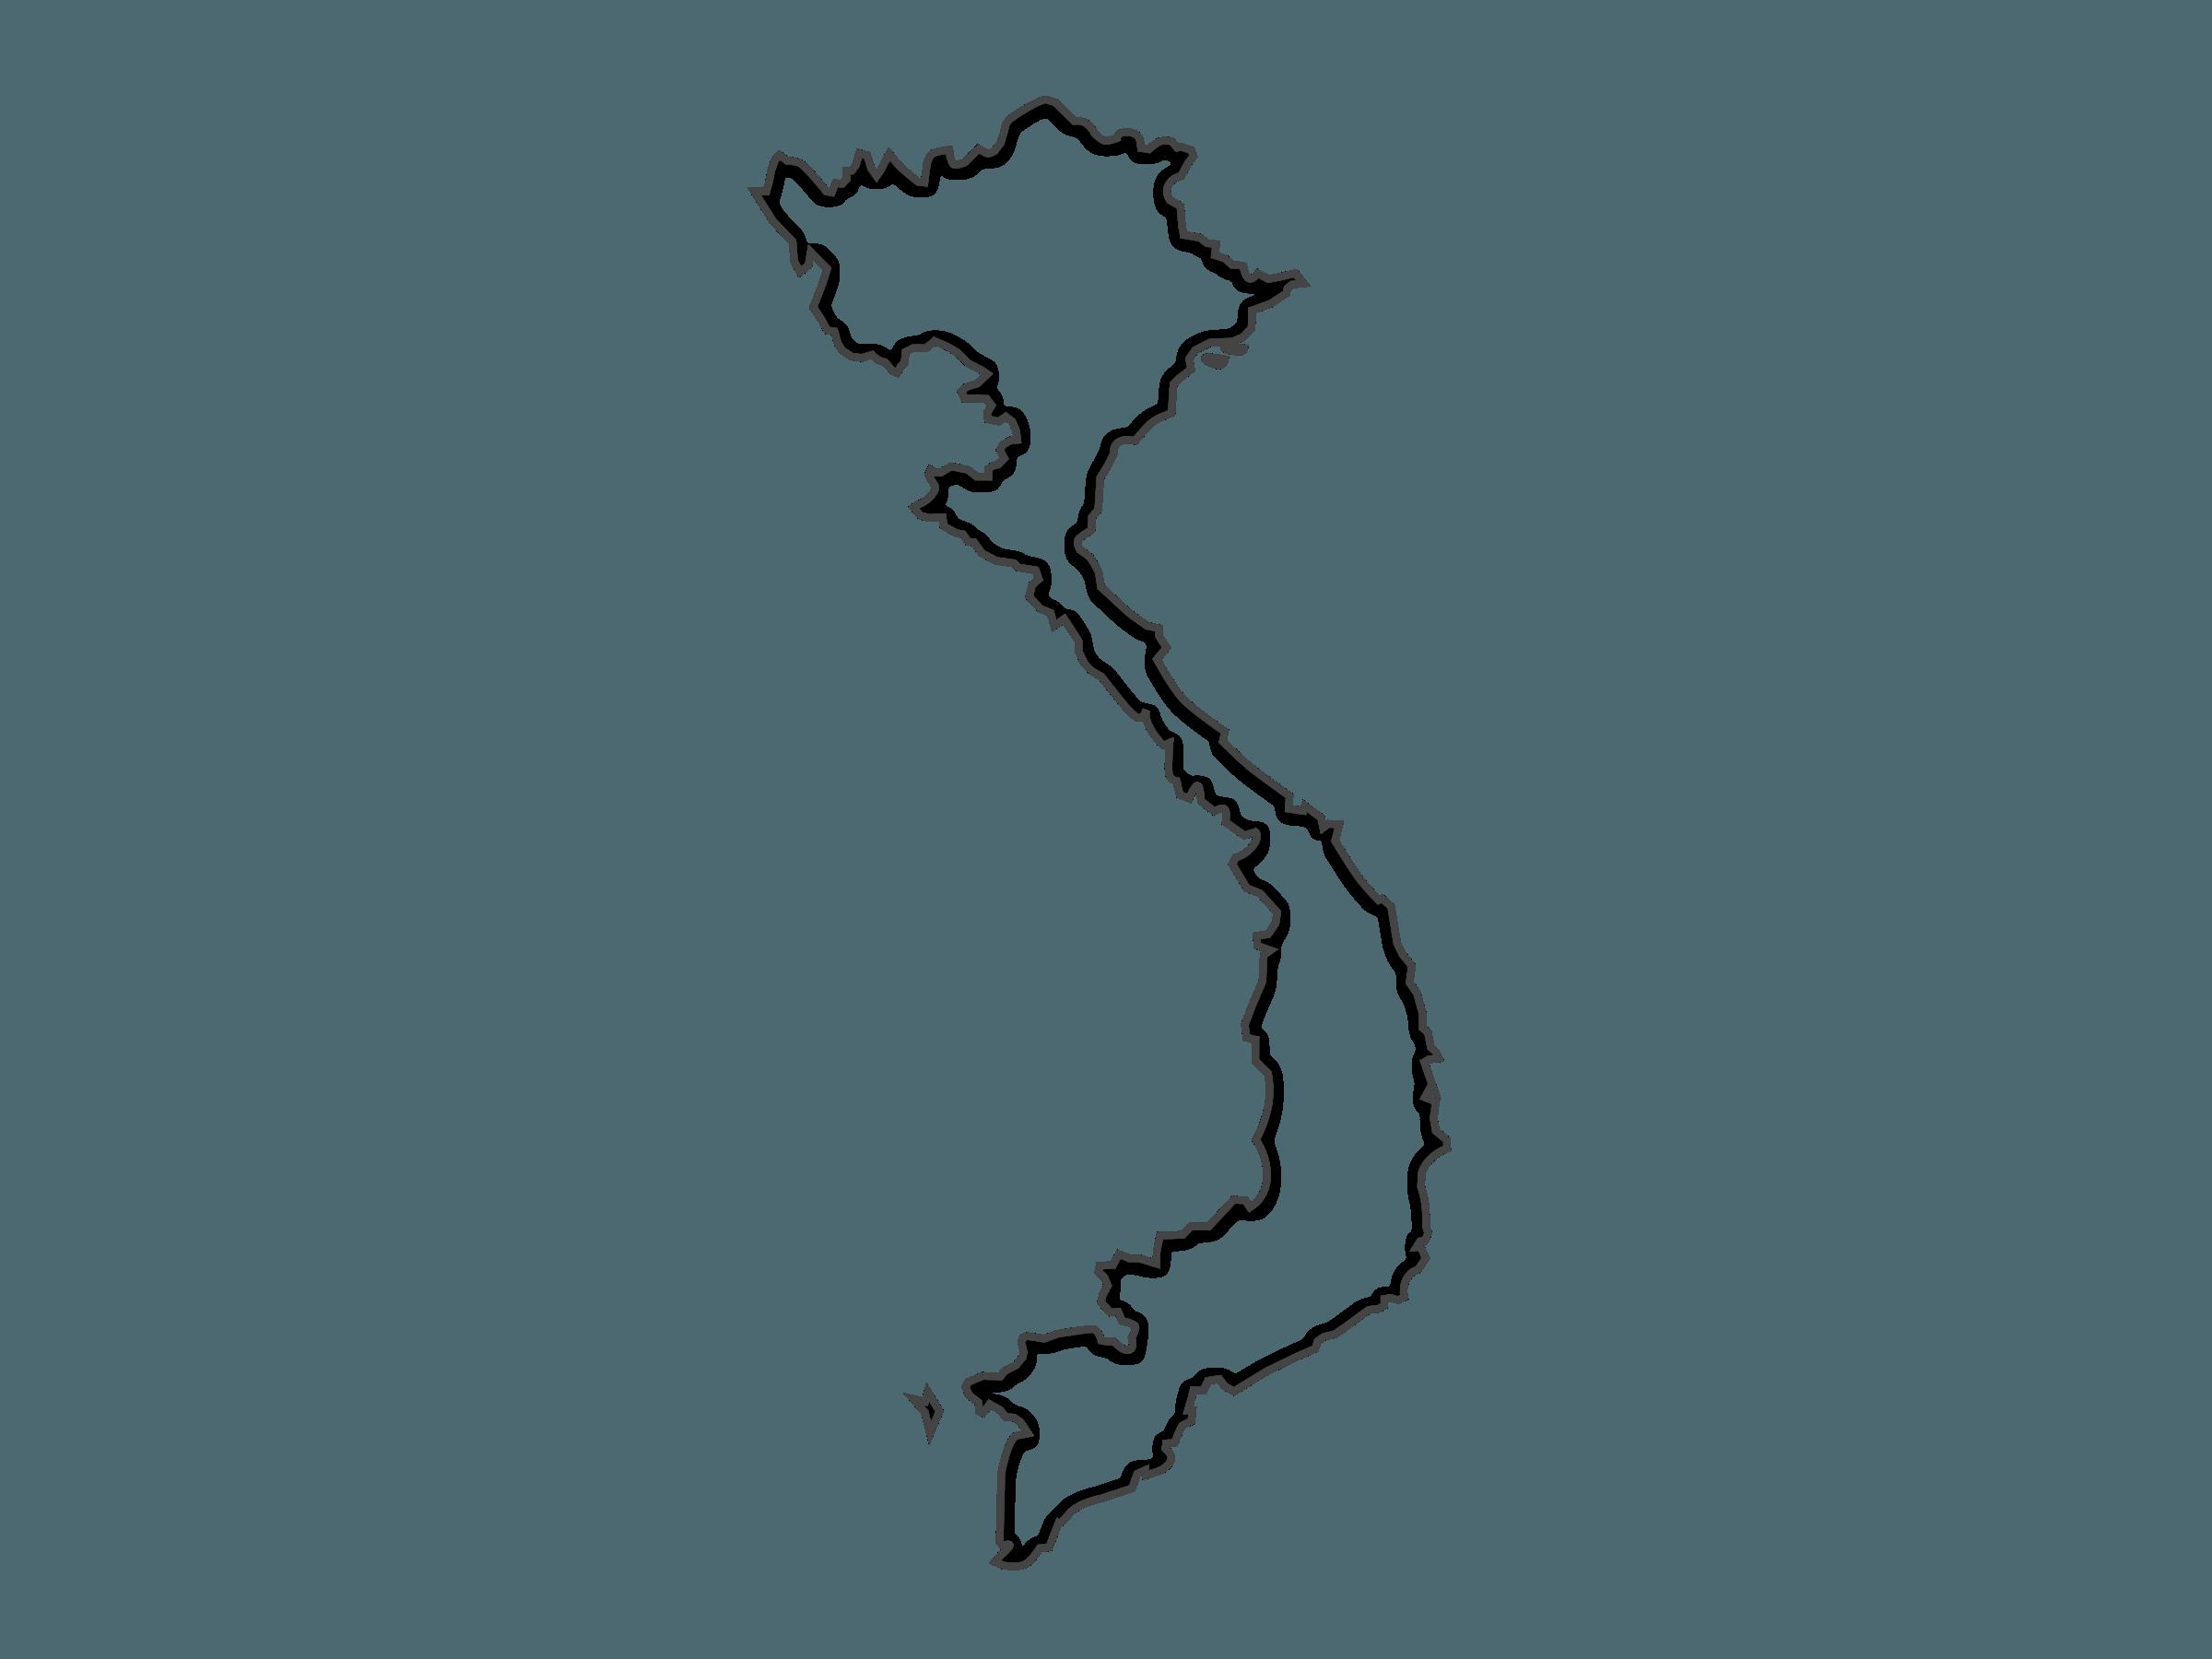 Vietnam PNG - 13821